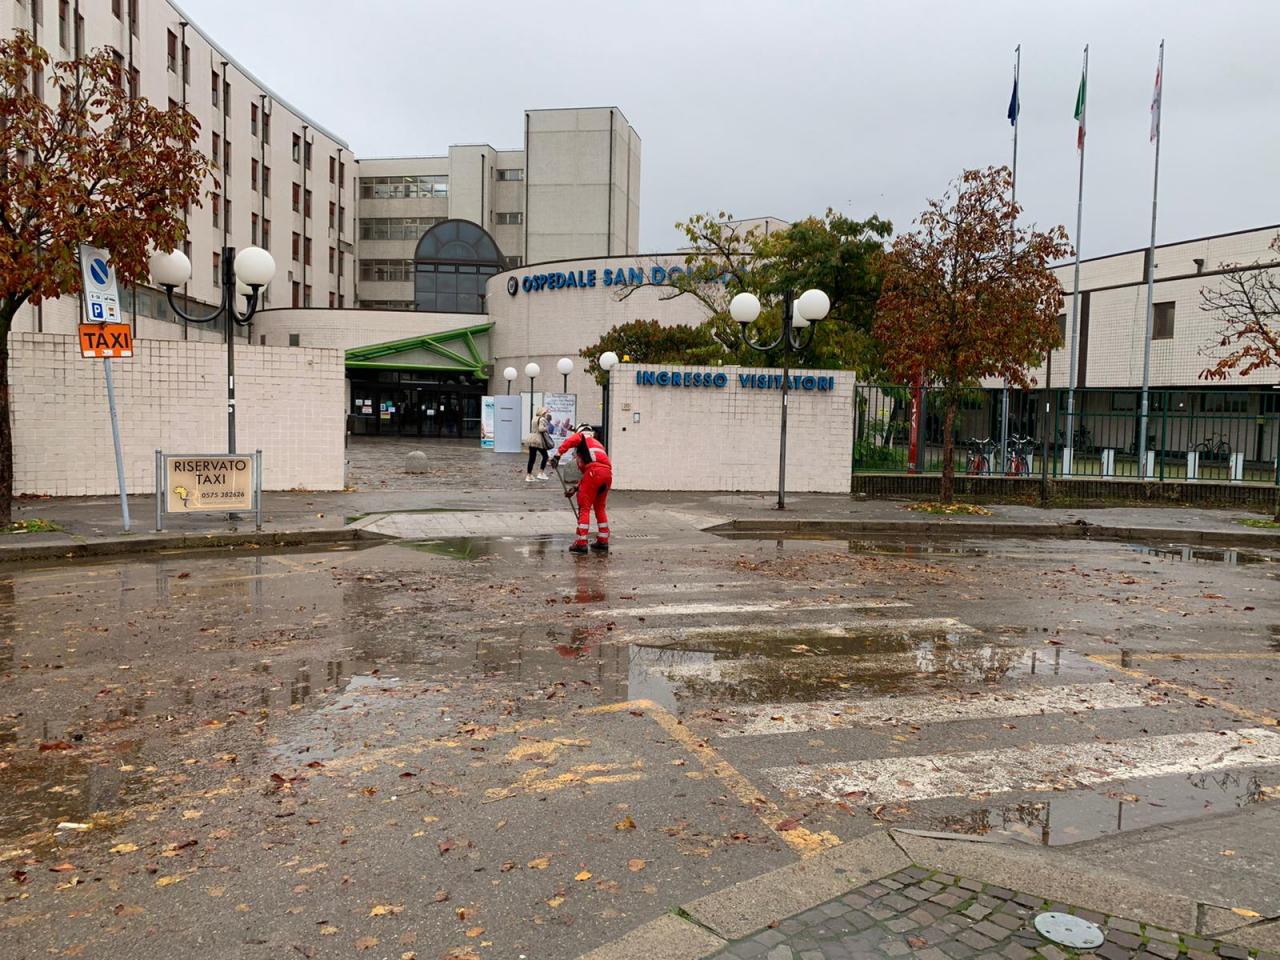 Le squadre di emergenza del Comitato di Arezzo impegnate per le conseguenze del maltempo di oggi 24 Ottobre 2020.